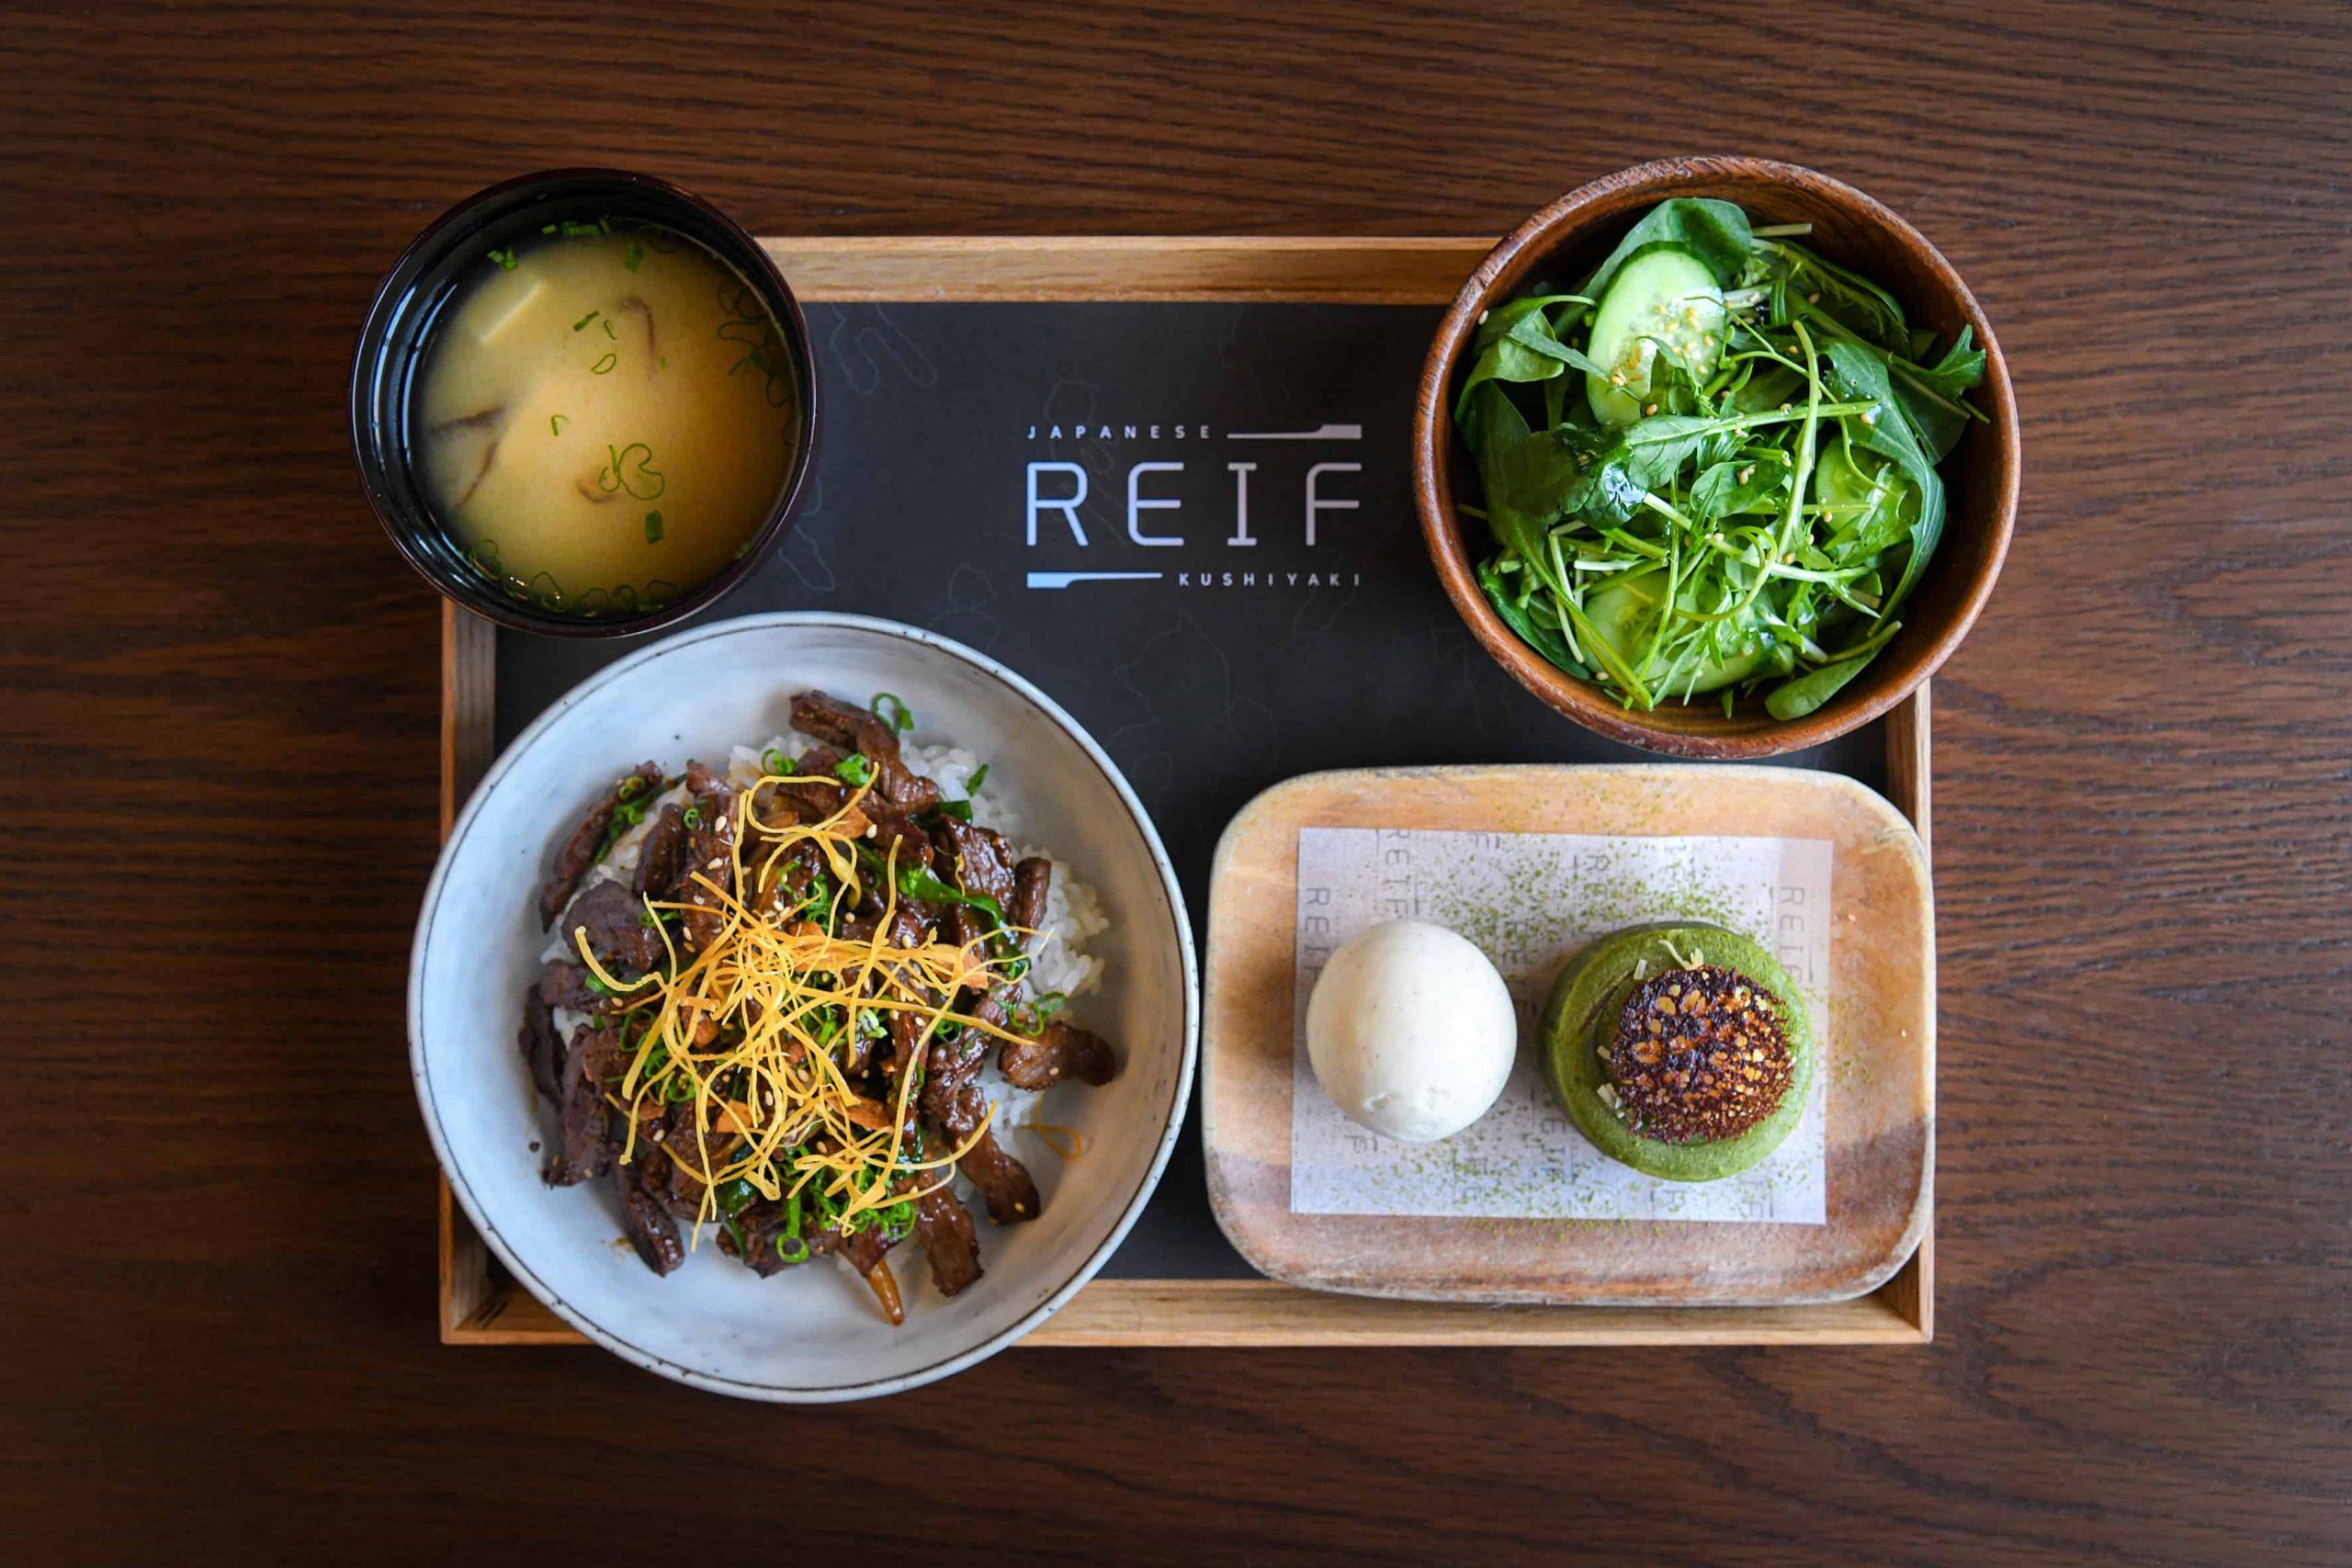 Reif Japanese Kushiyaki